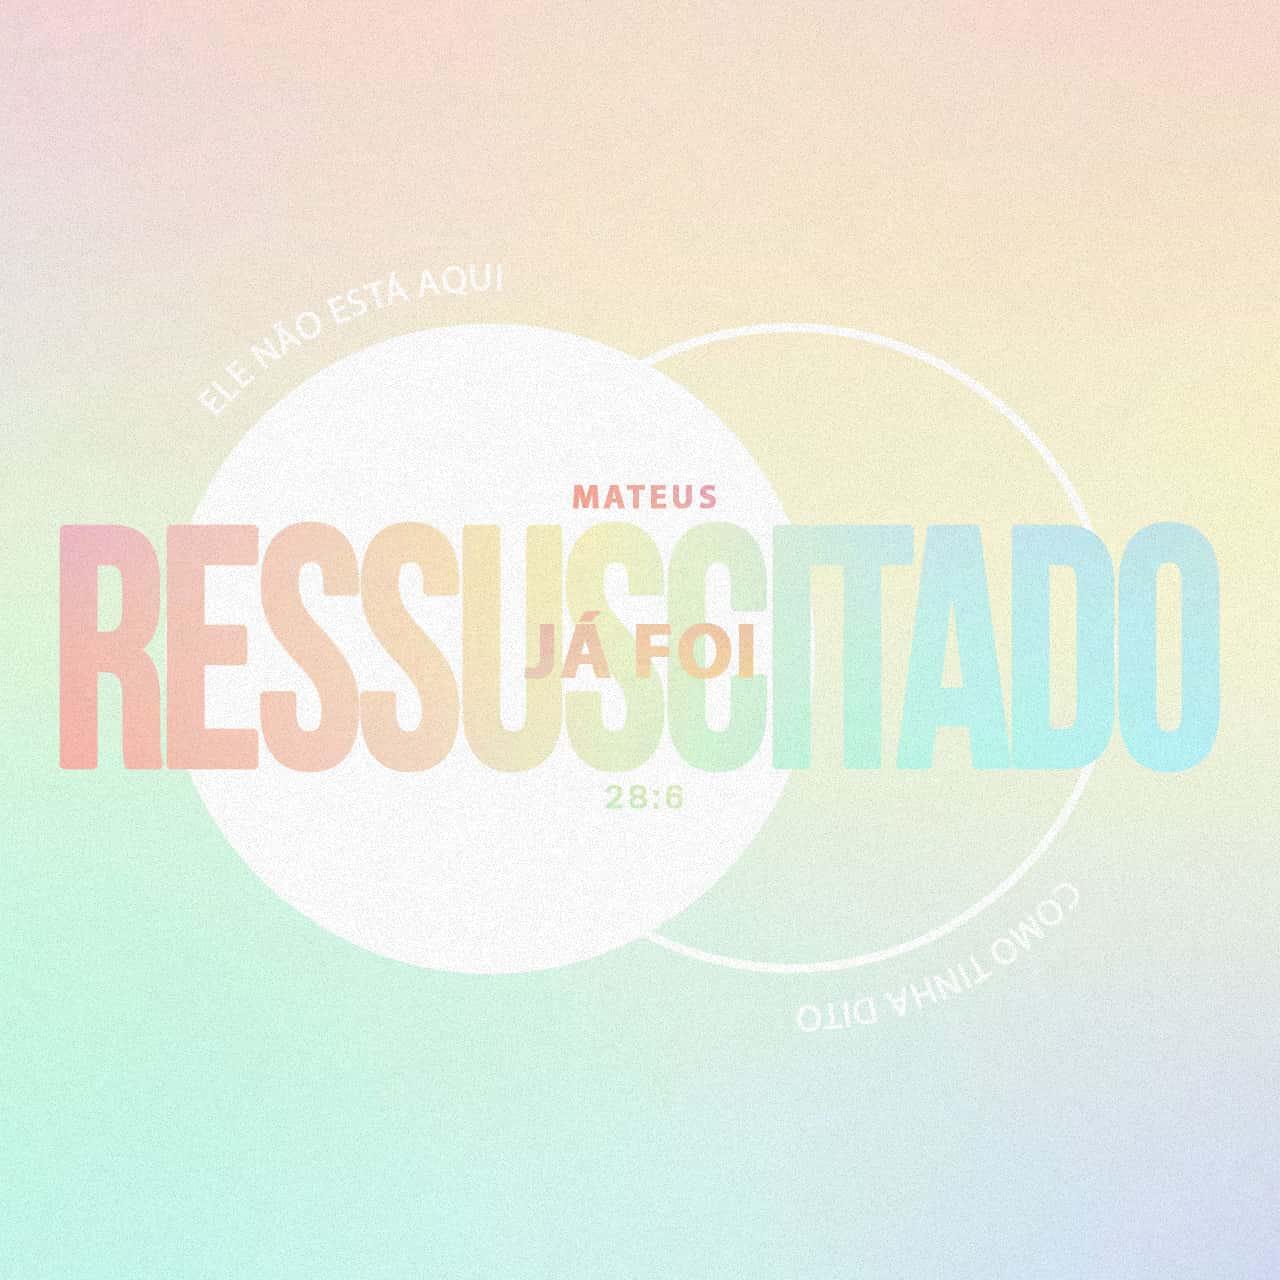 Ele Ressuscitou - Mateus 28:6 - Imagem de Versículo